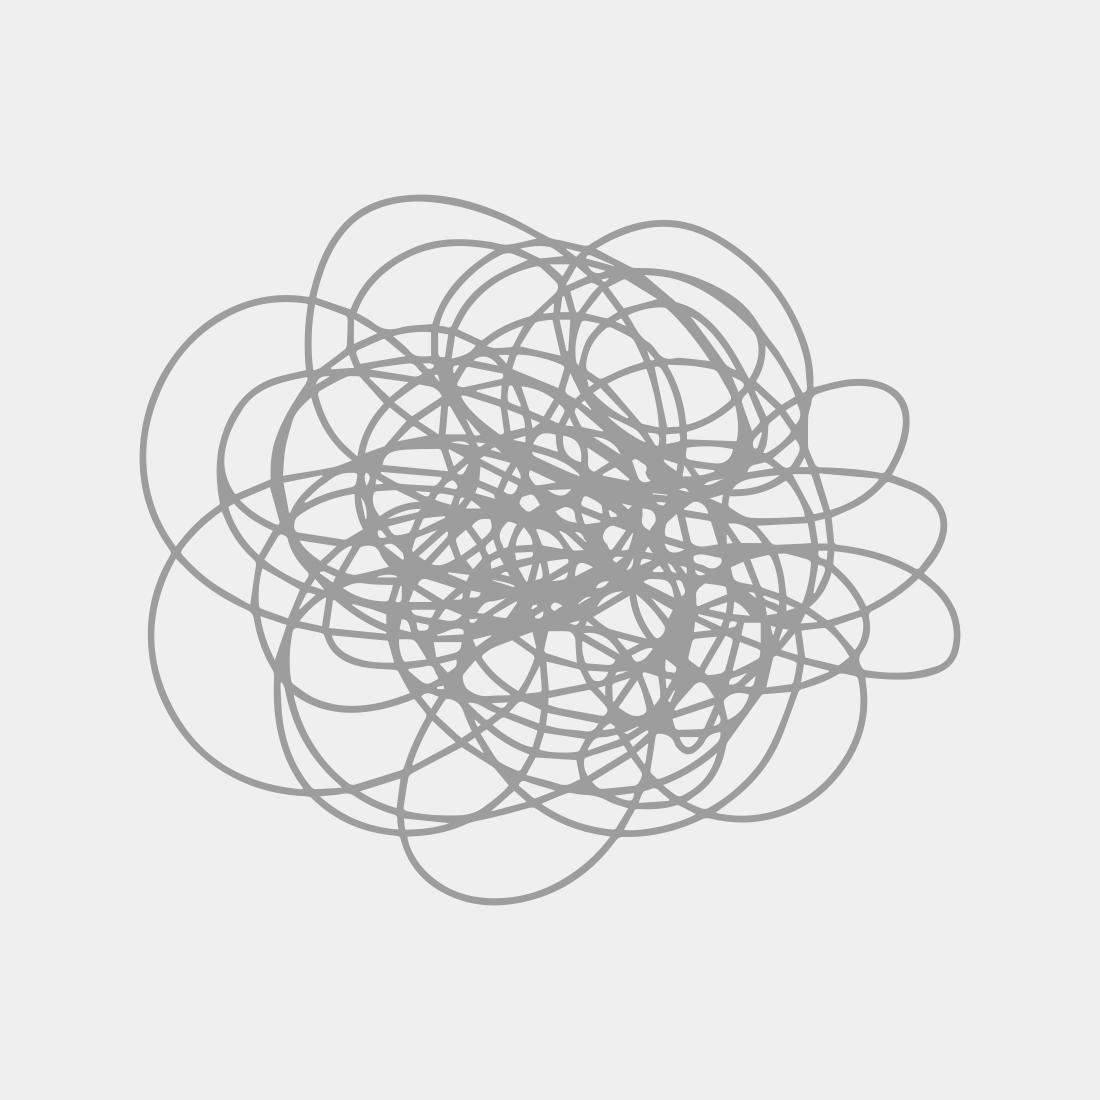 Congrès Mondial pour la Paix, 1962